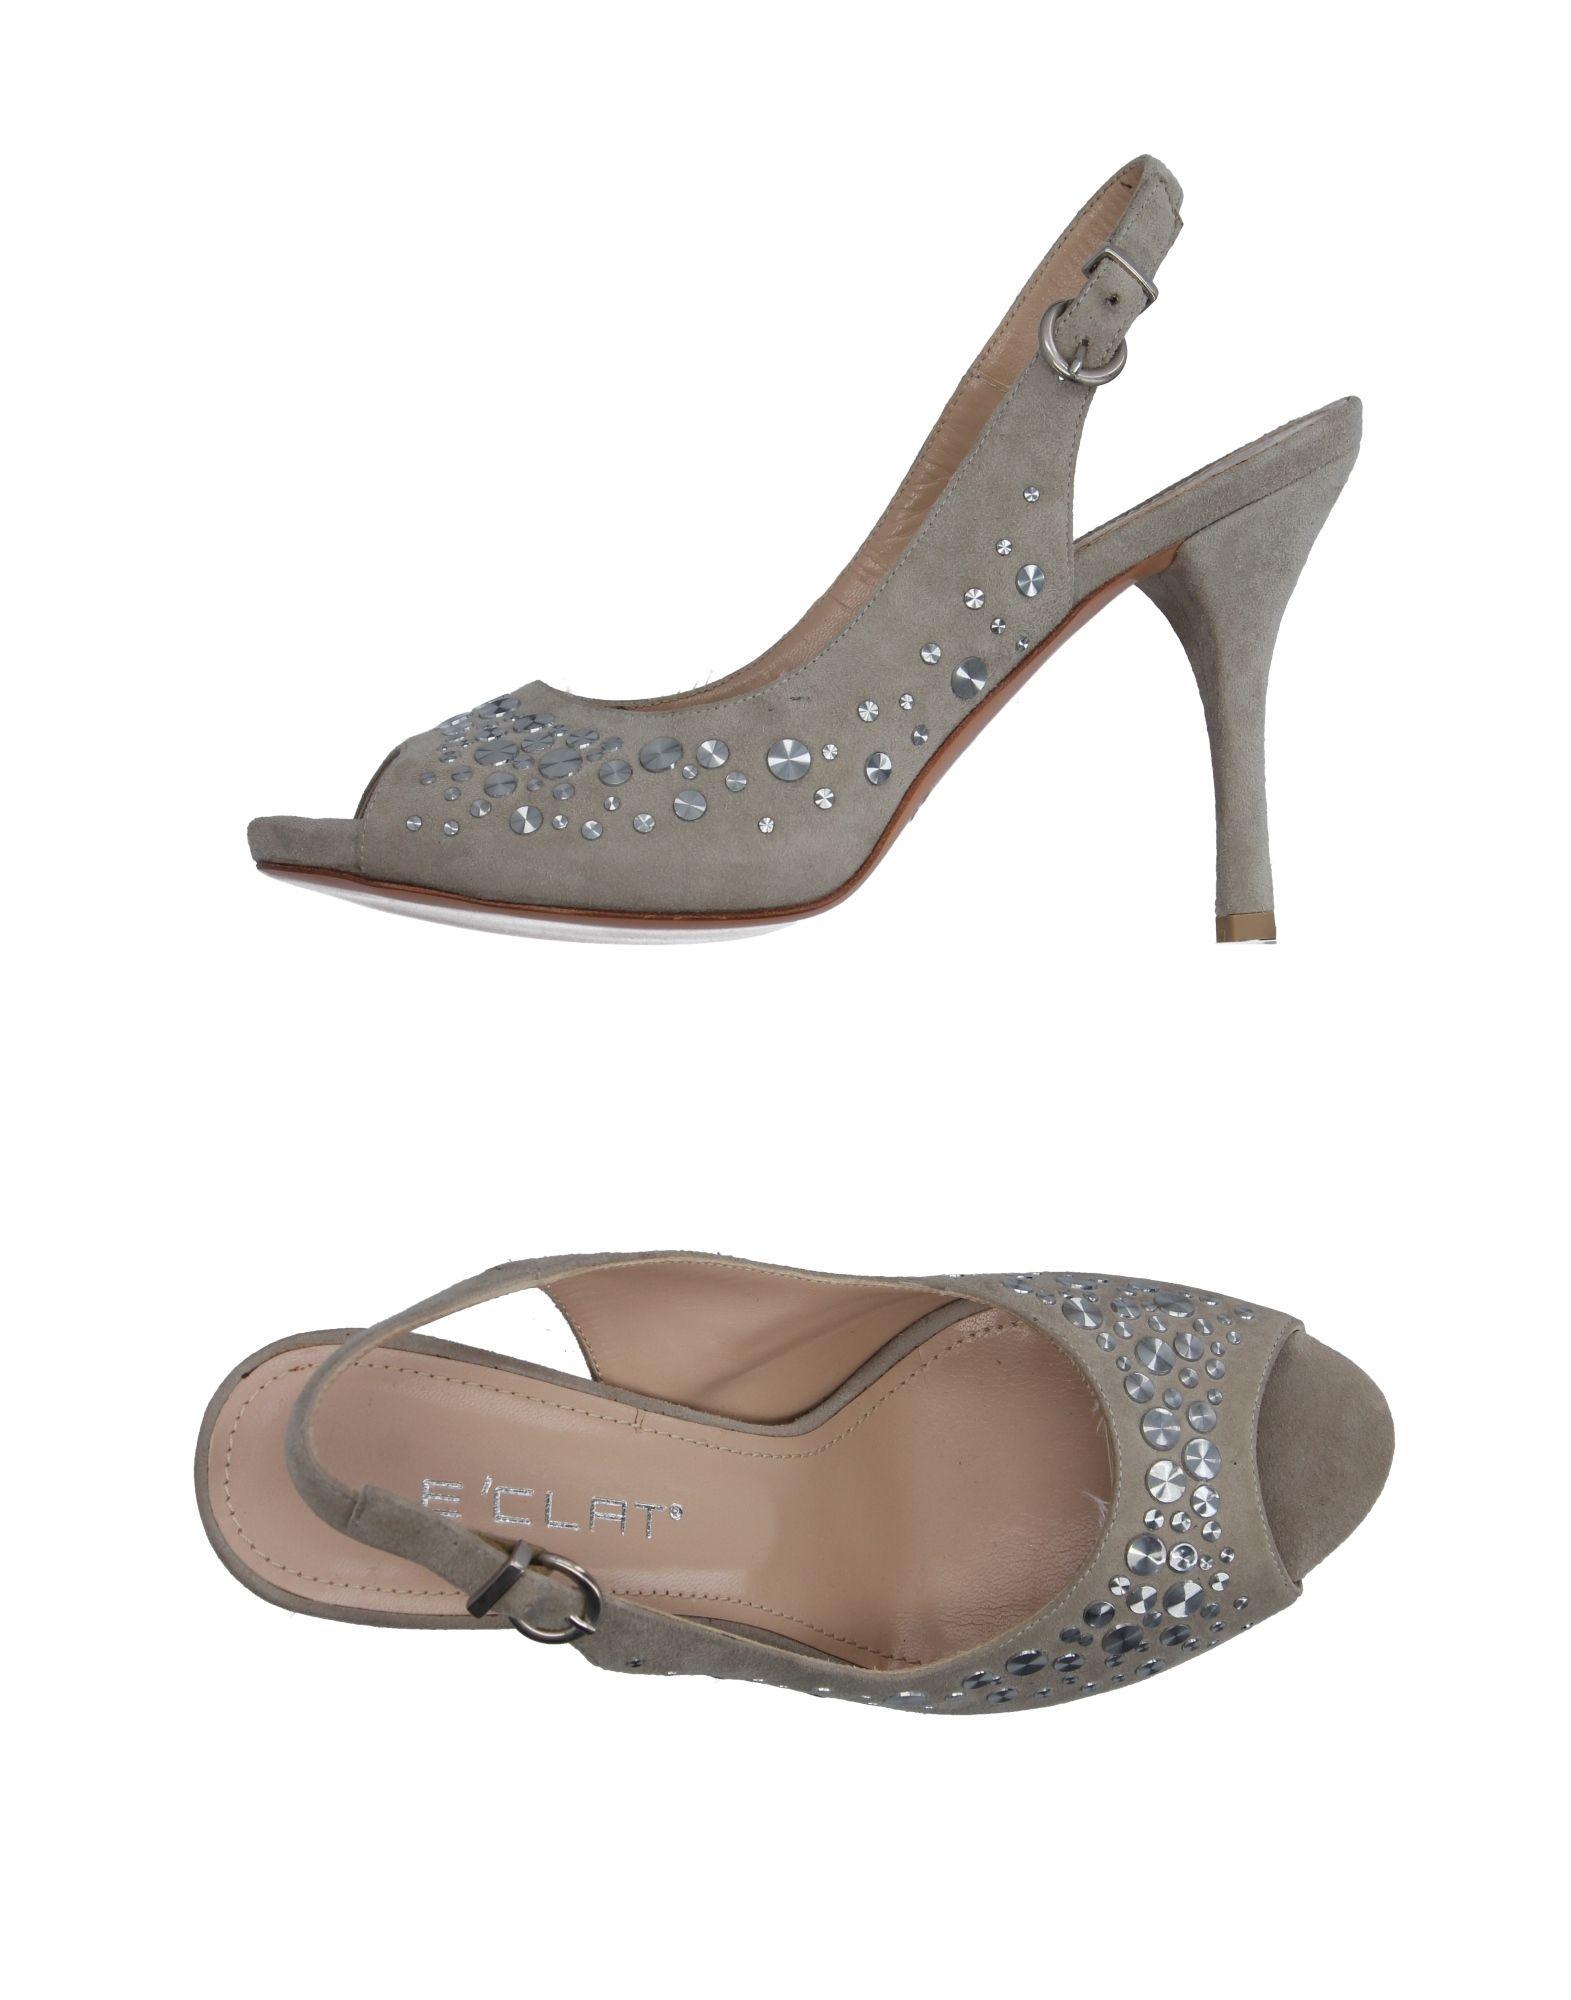 E'clat Sandalen Damen  11183294IH Gute Qualität beliebte Schuhe